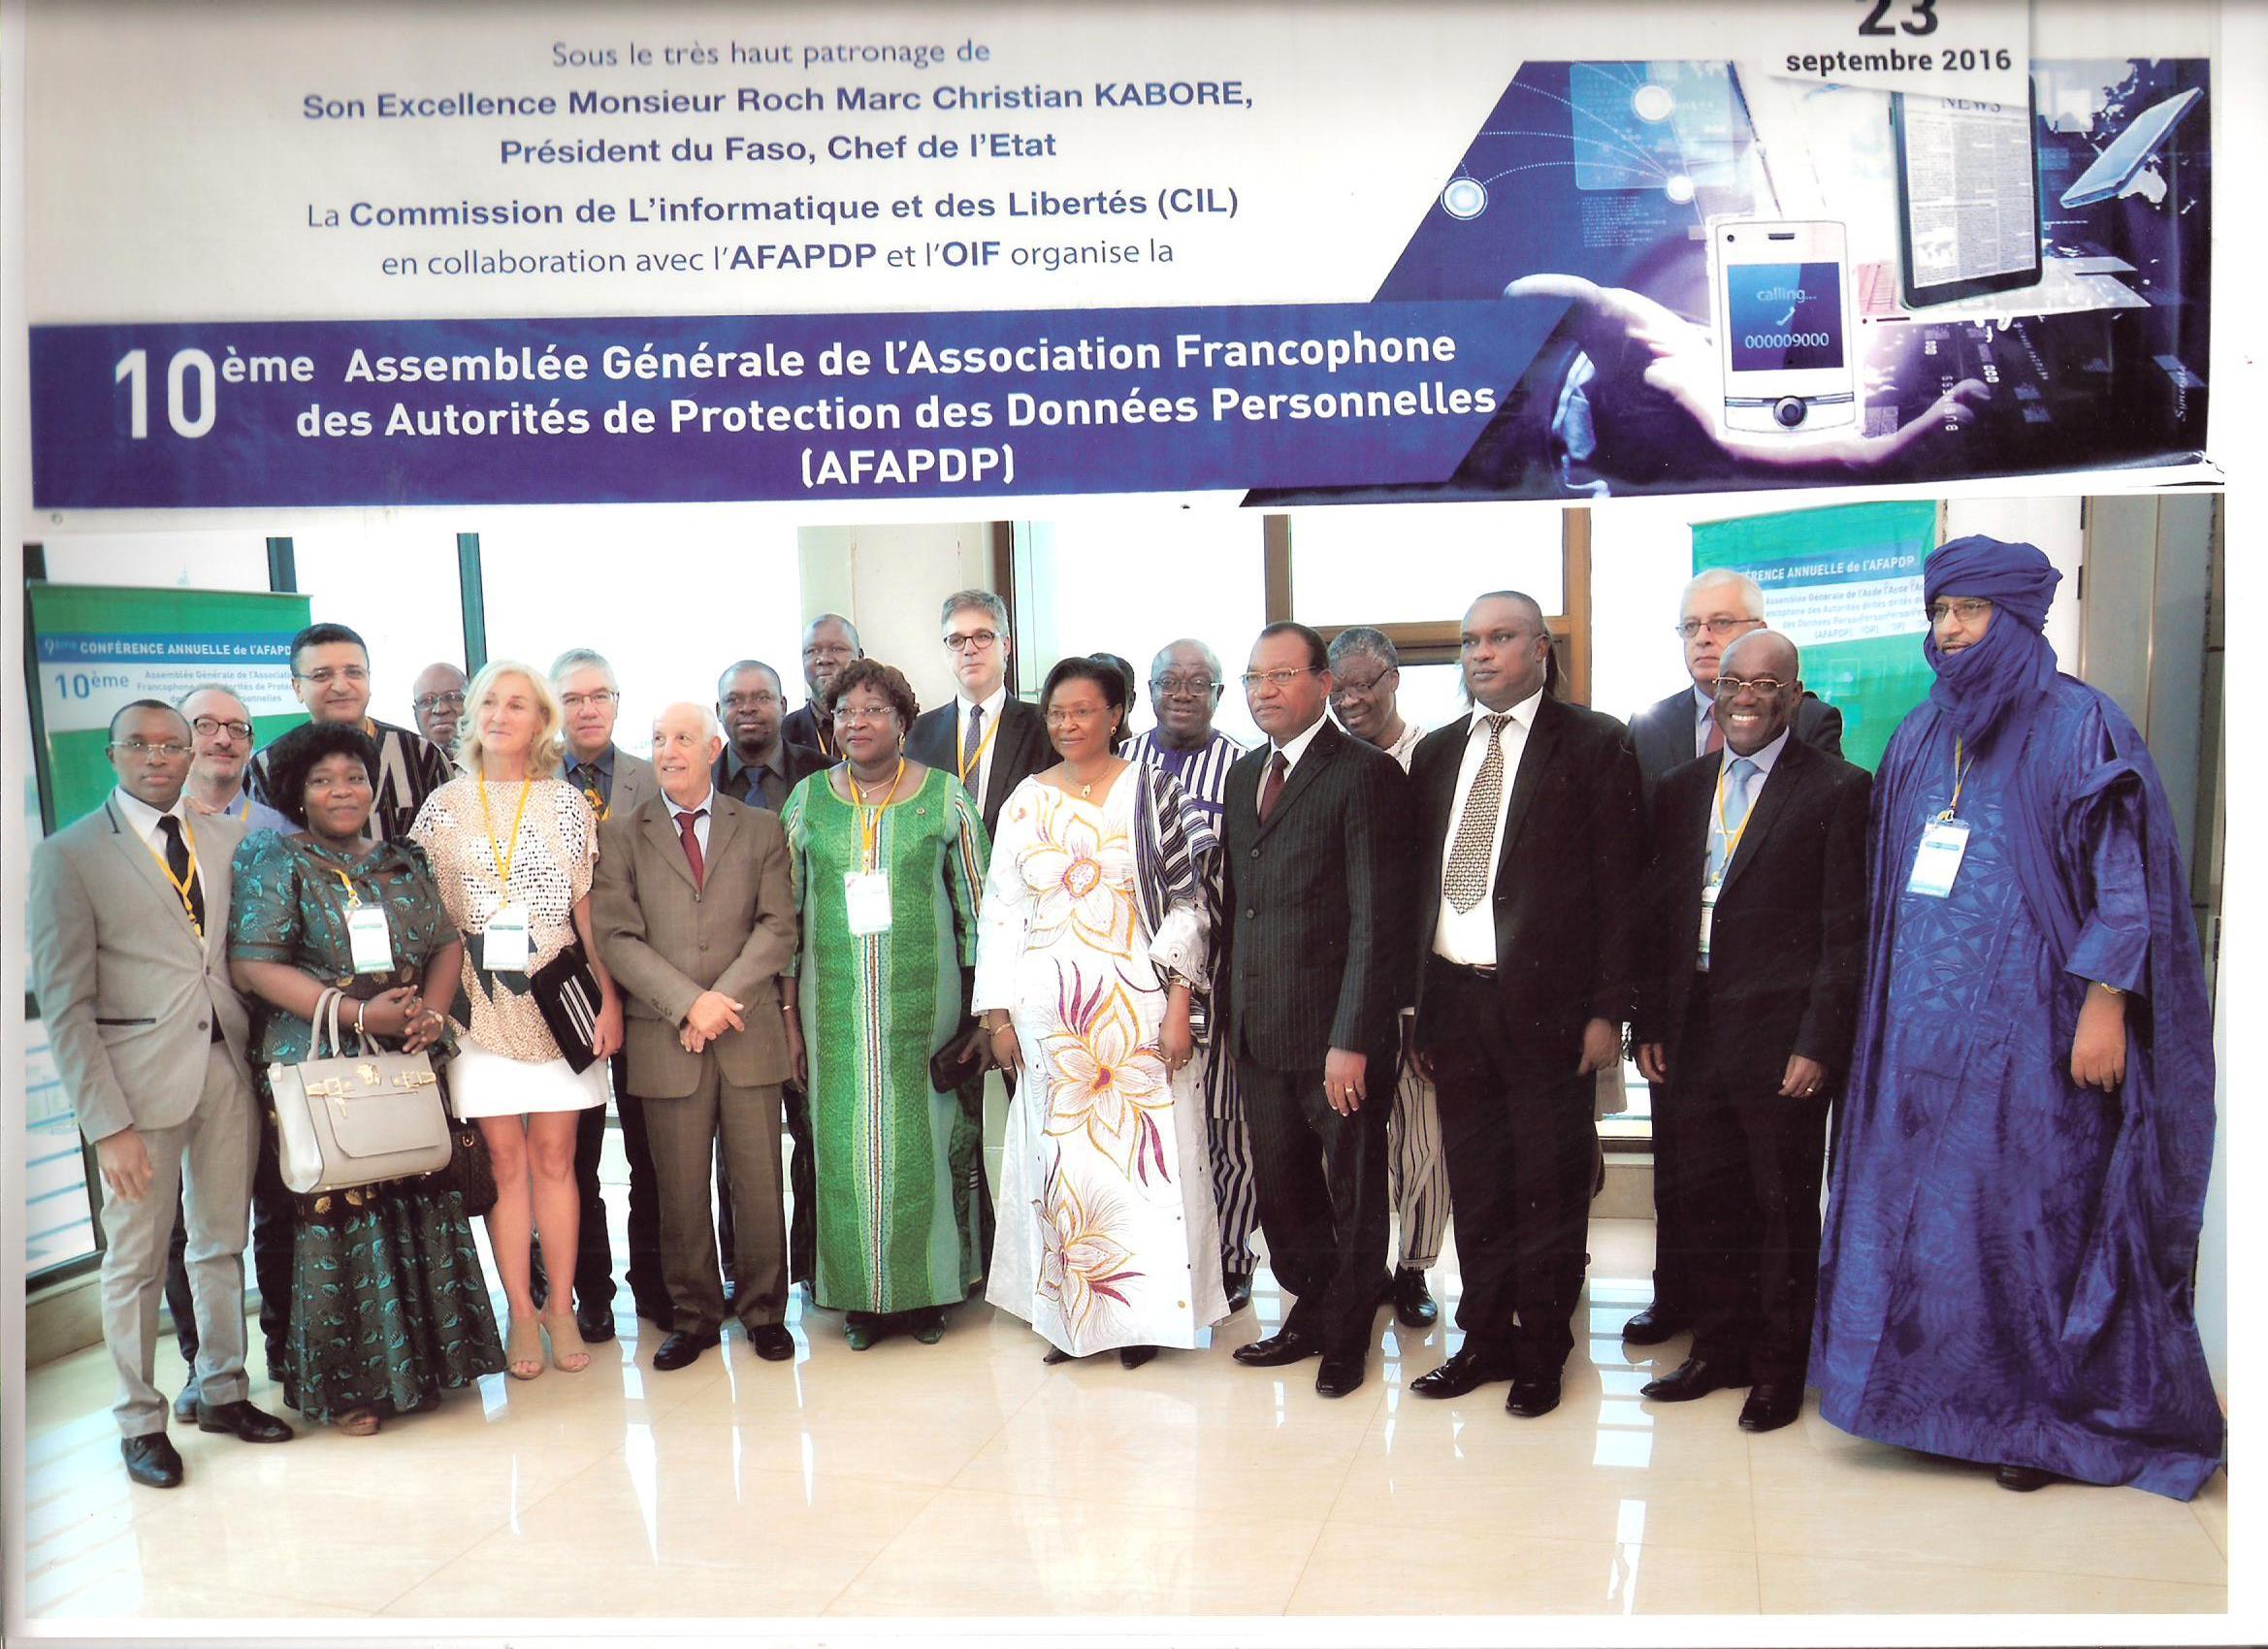 Communiqué de presse: compte rendu des réunions de l'AFAPDP à Ouagadougou